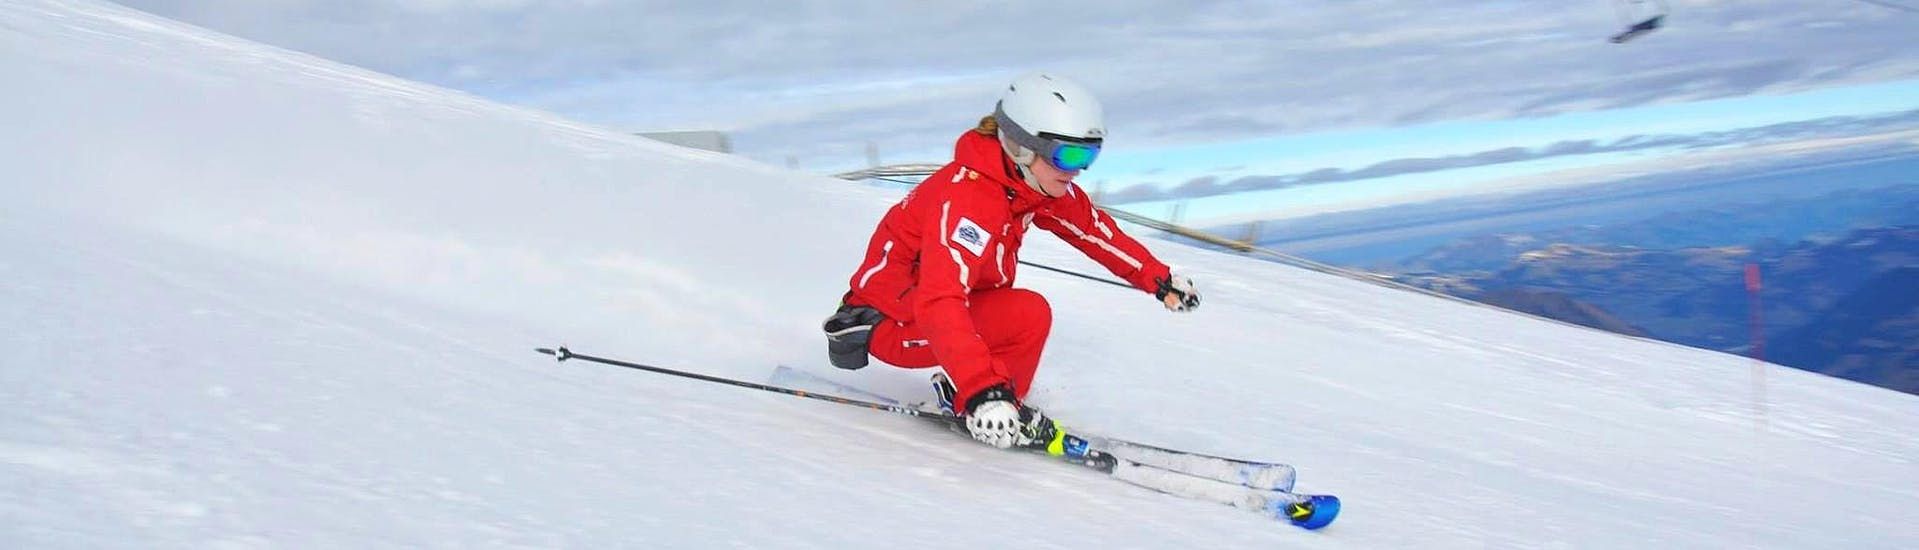 Un enfant skie avec confiance grâce à son Cours particulier de ski Enfants pour Skieurs expérimentés avec l'école de ski ESS Château d'Oex.